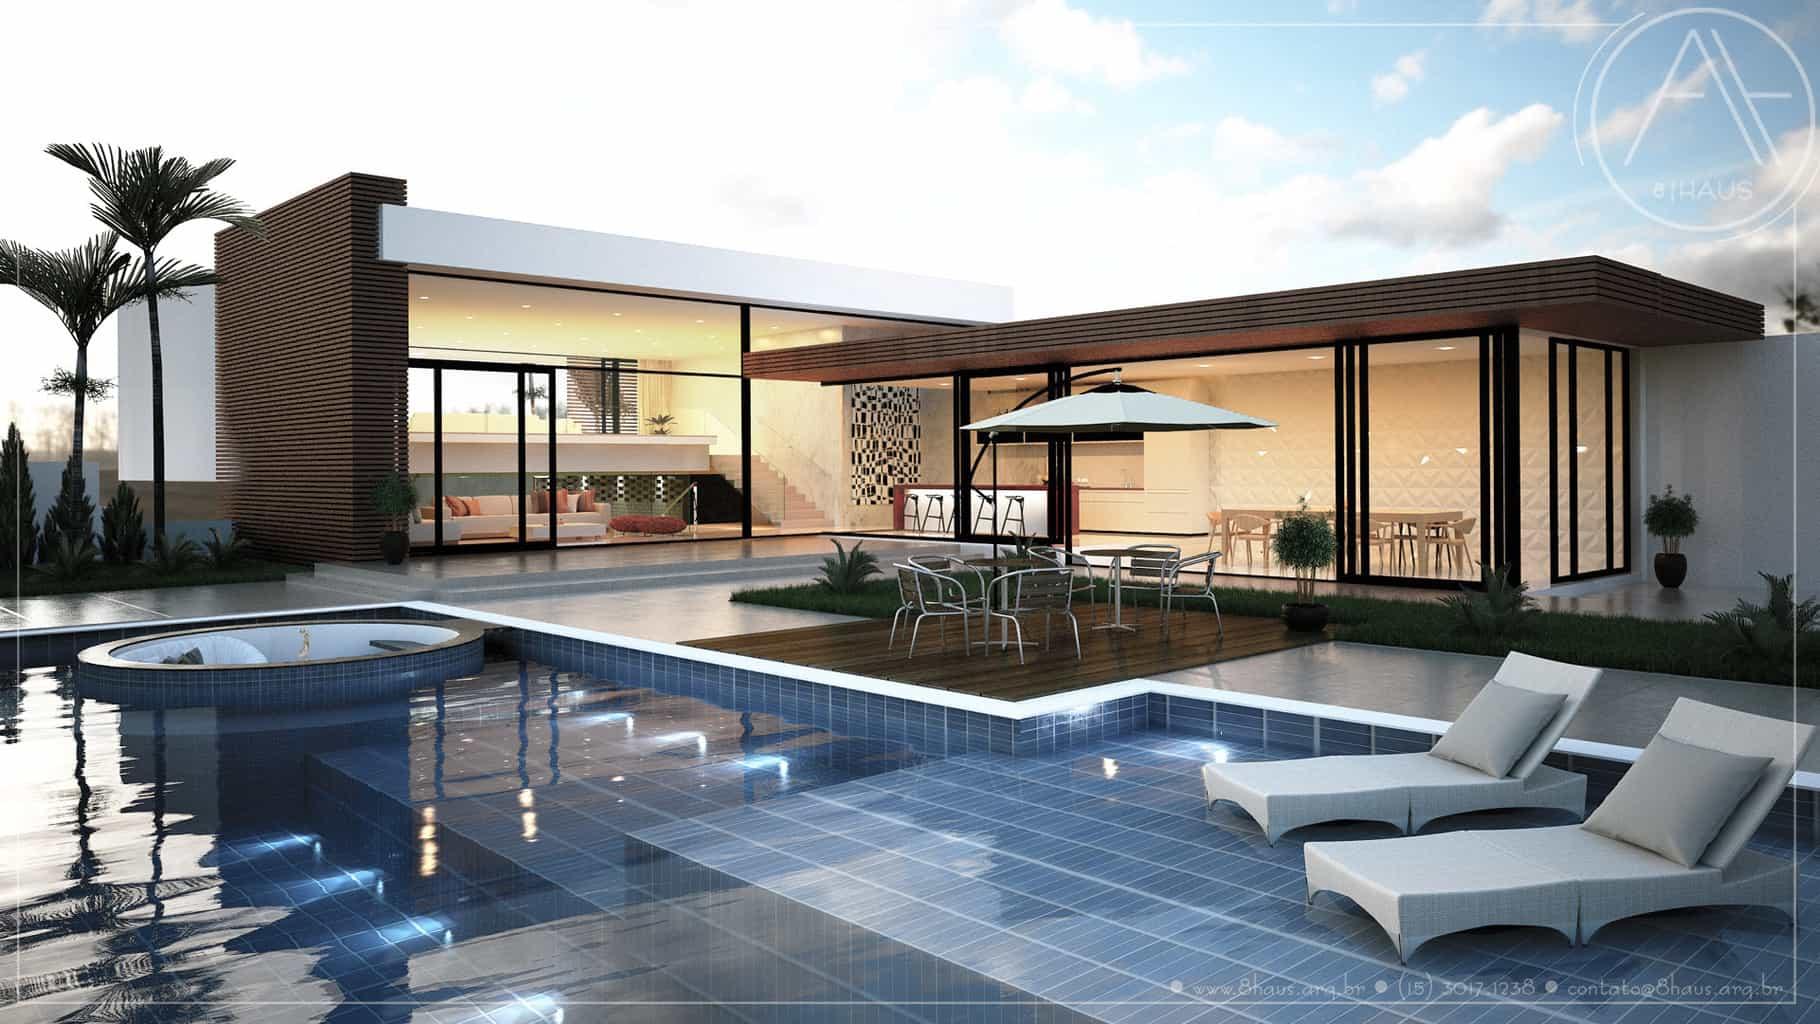 Projetos De Casas Em Sorocaba 8 Haus Arquitetos E Arquitetas